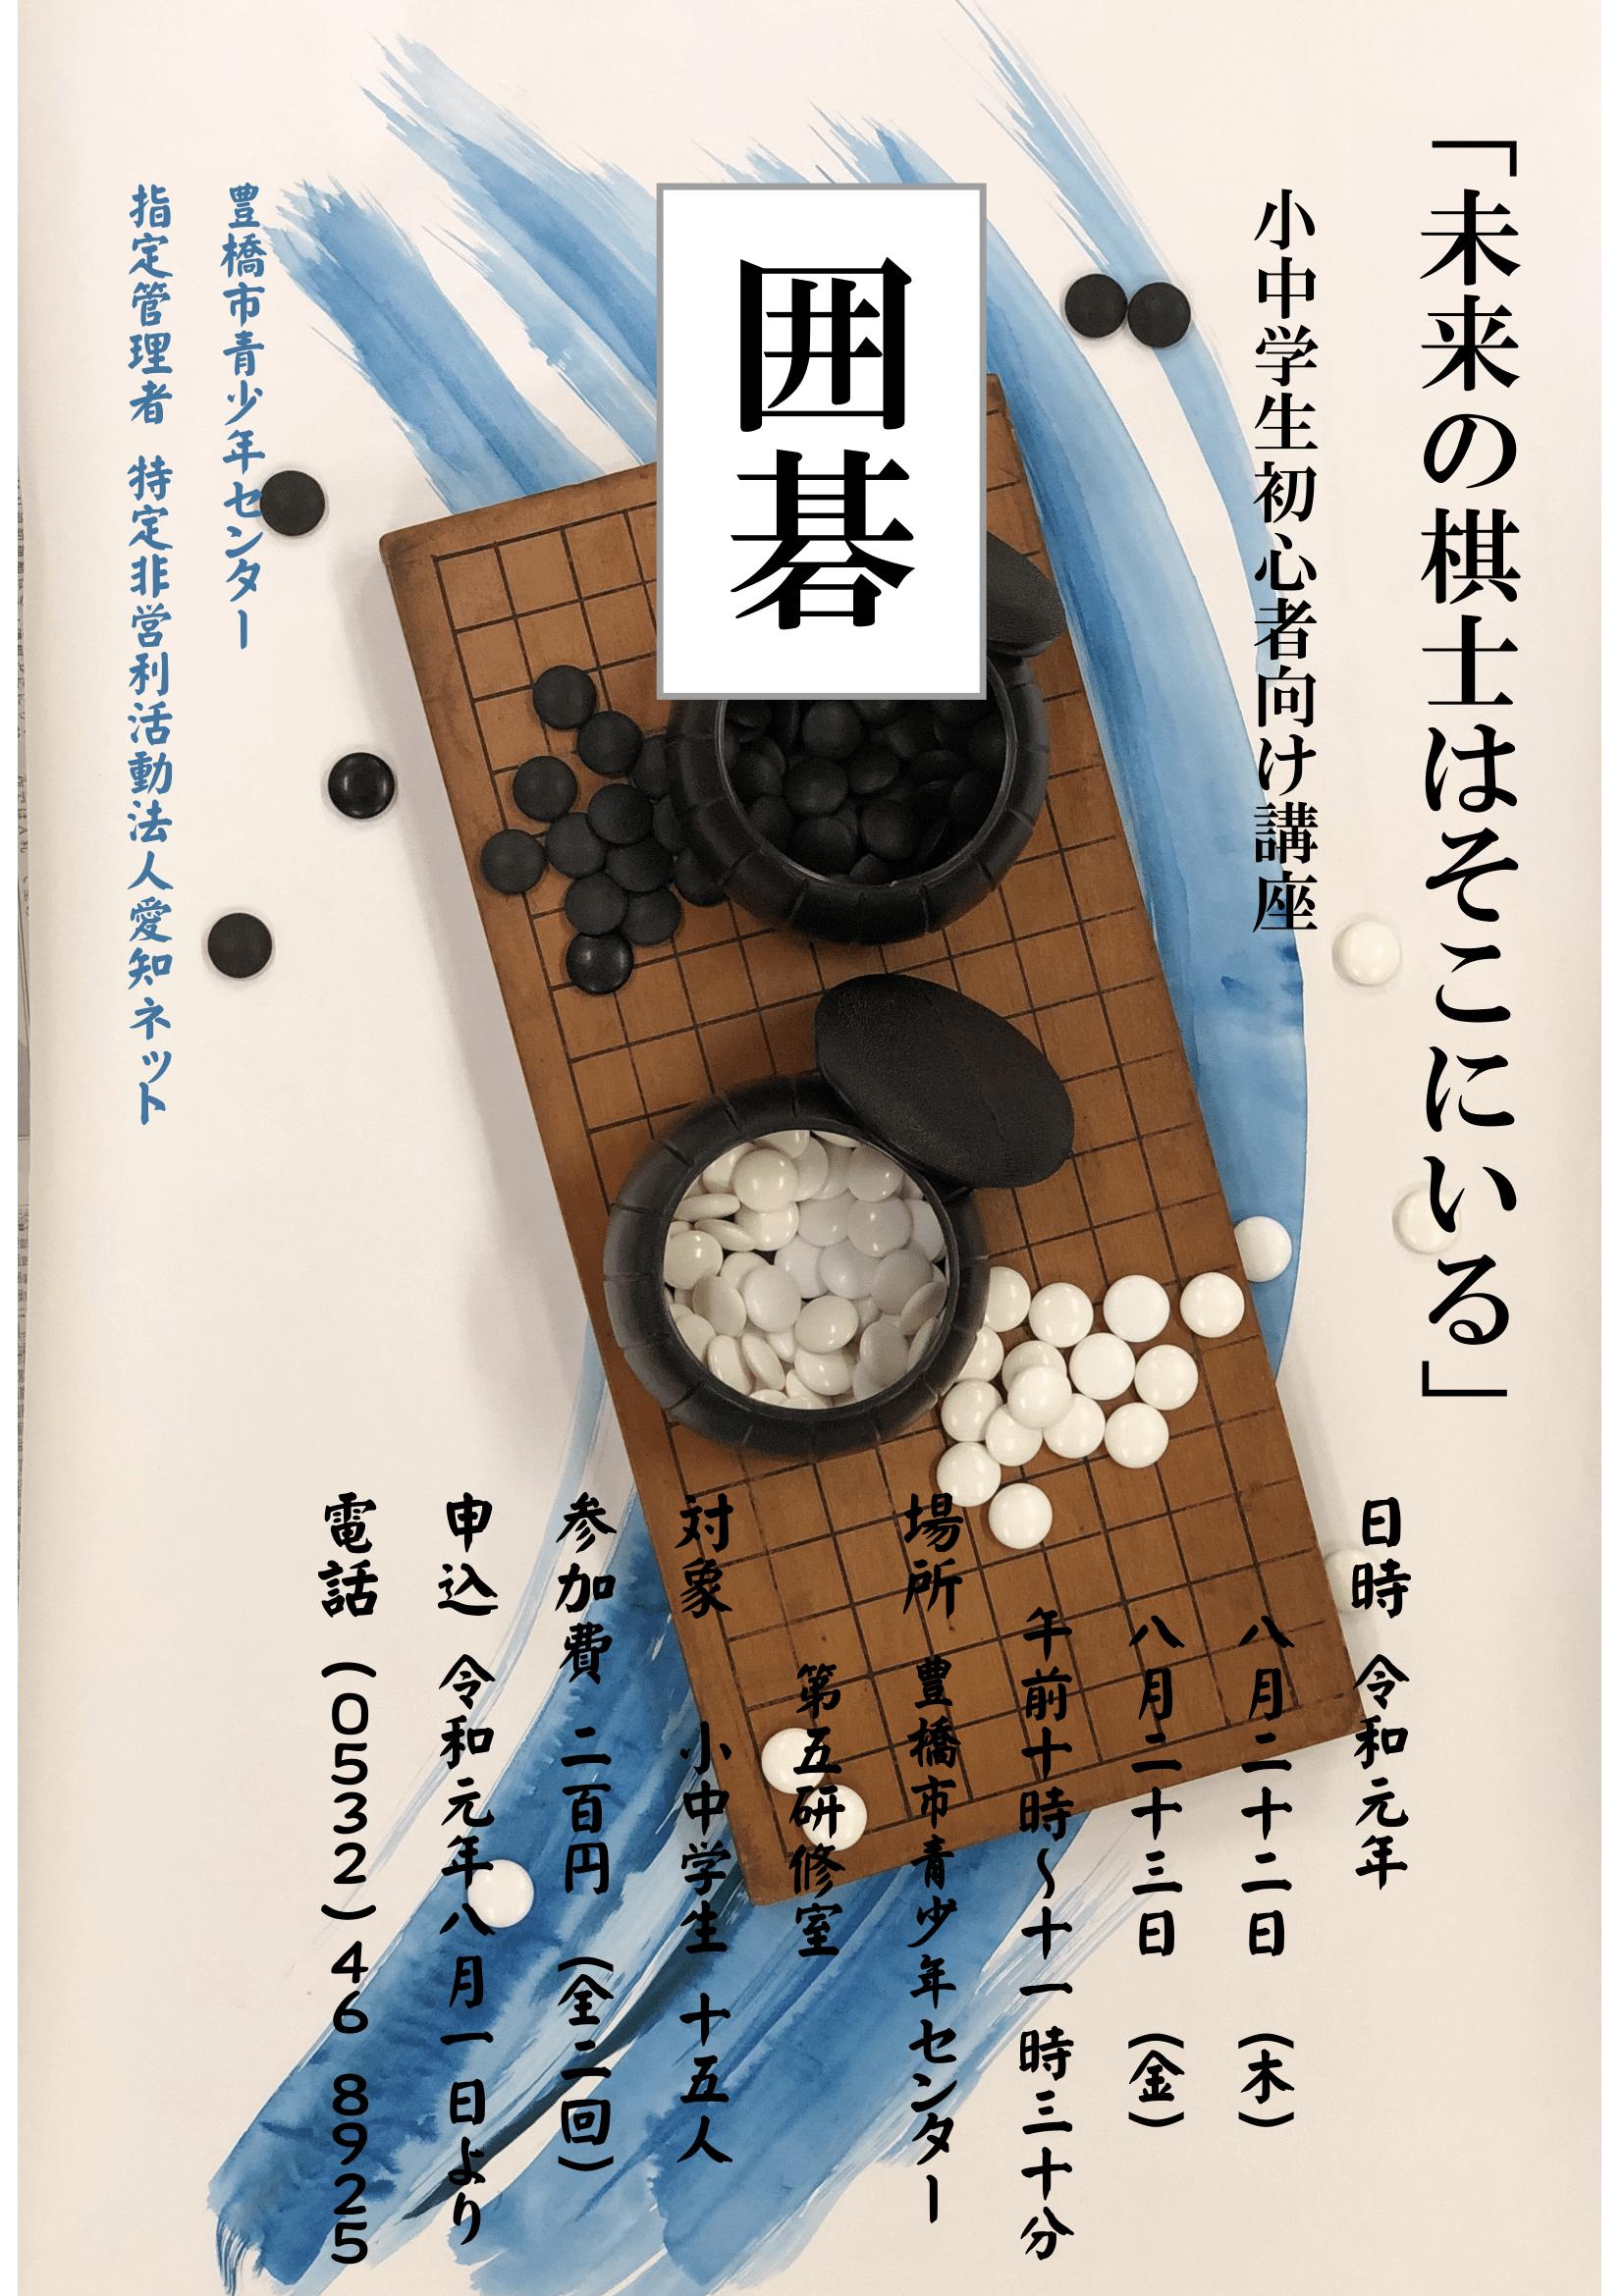 囲碁講座のチラシ